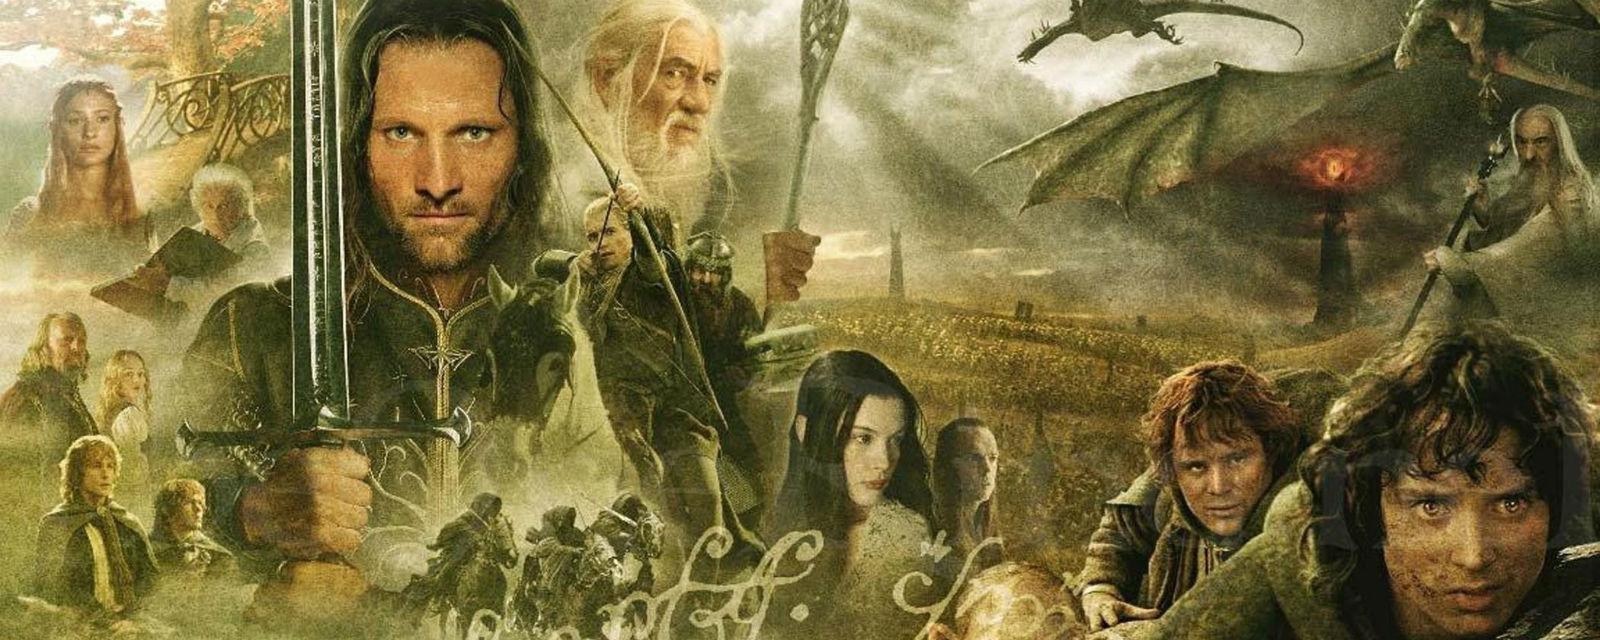 Série inspirada em O Senhor dos Anéis vai ter múltiplas temporadas  produzidas pela Amazon - Notícias de séries - AdoroCinema